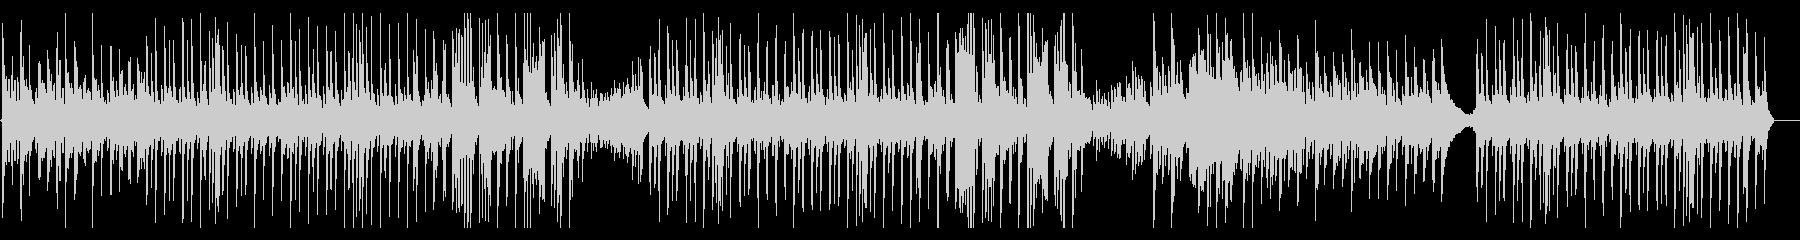 【生演奏】まどろみのJazz Popの未再生の波形